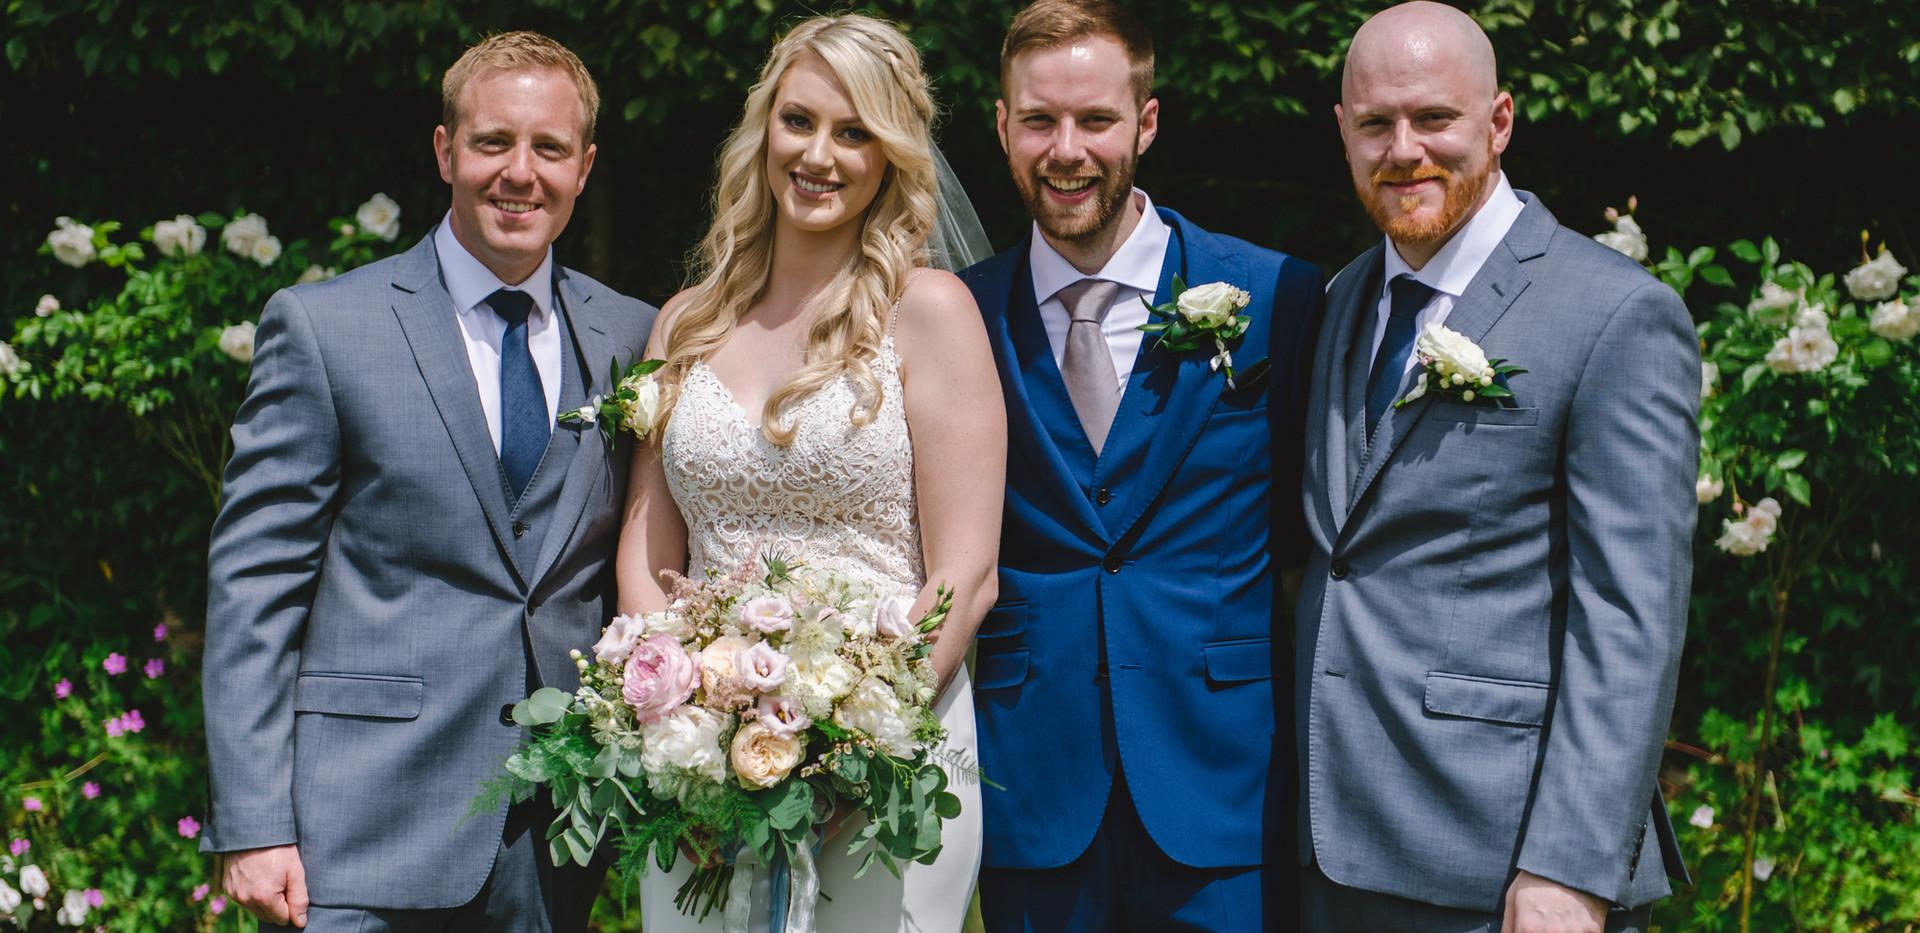 Blush wedding bridal bouquet